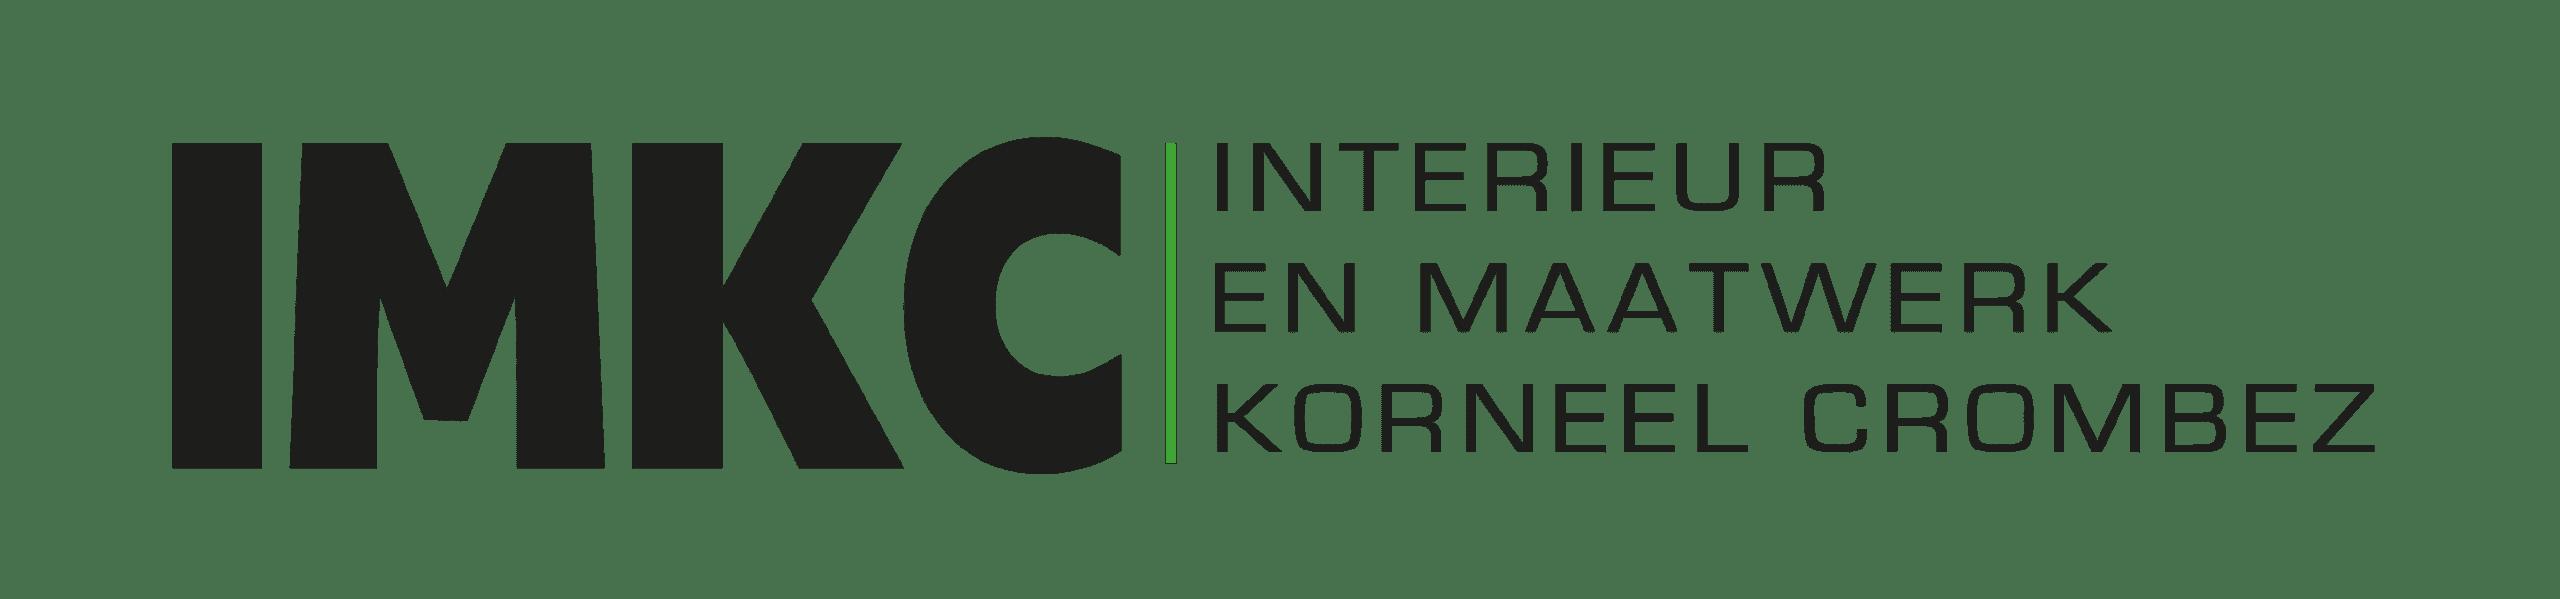 Interieur en Maatwerk IMKC